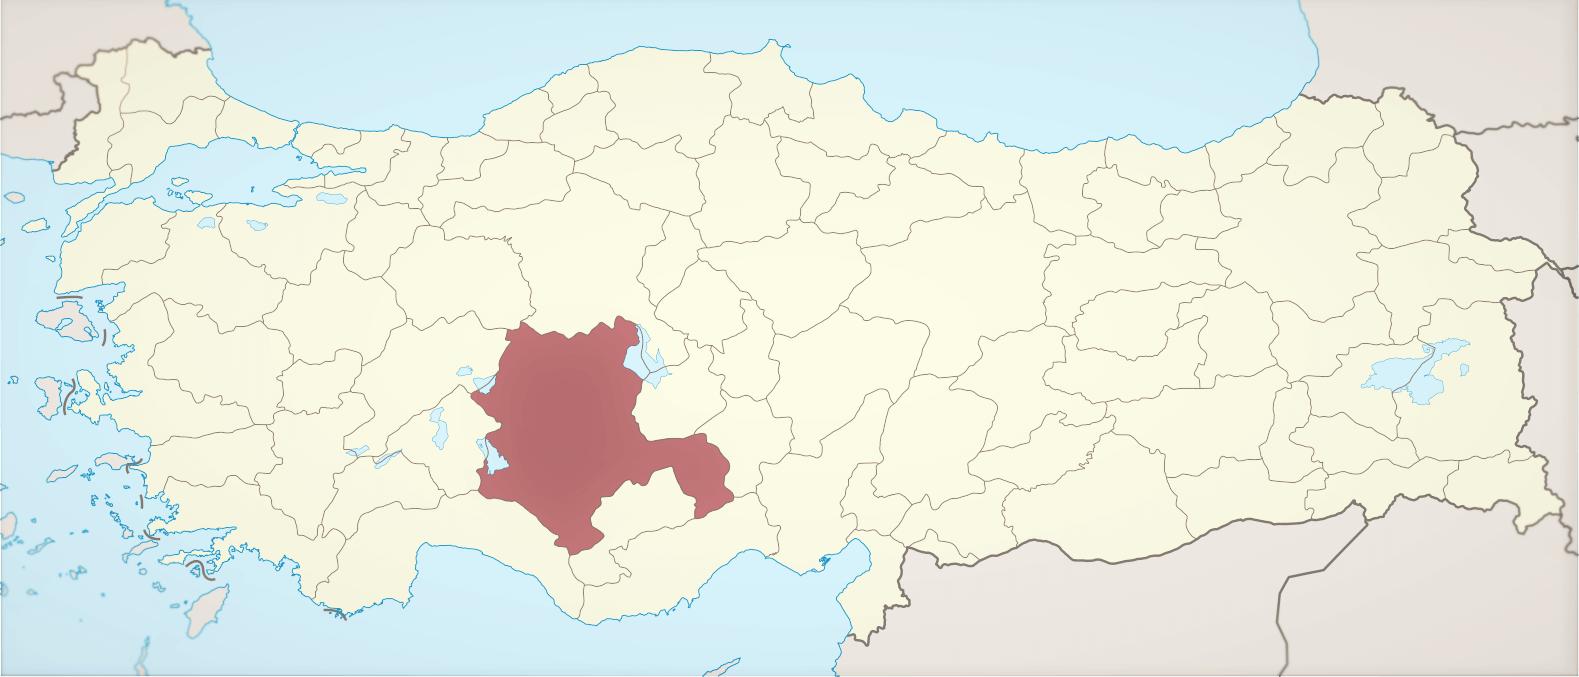 en büyük il, en büyük iller, en büyük ilimiz, türkiye'nin en büyük ili, en büyük il sıralaması, en büyük il hangisidir, alan olarak en büyük il, yüzölçüm olarak en büyük il, nüfus olarak en büyük il